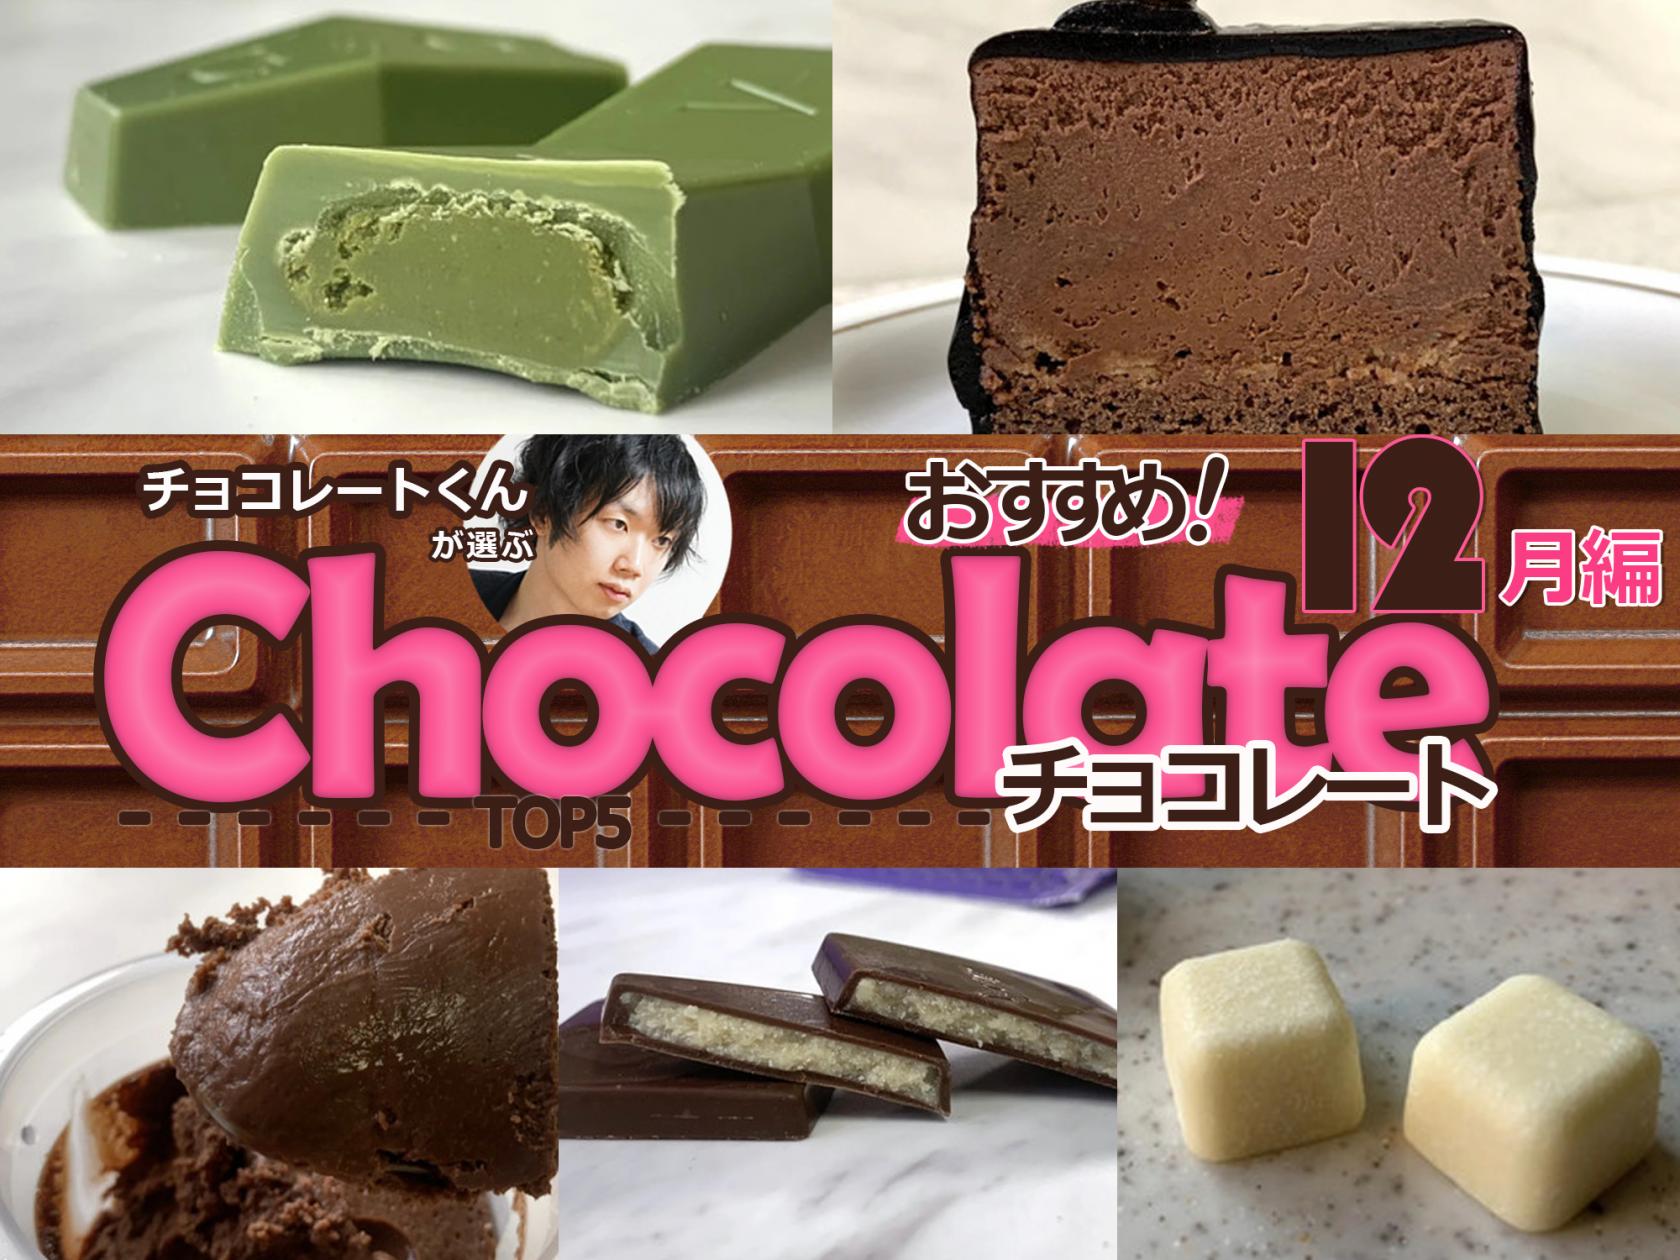 チョコレートくんが選ぶ!おすすめコンビニチョコ5選!【2019年12月編】